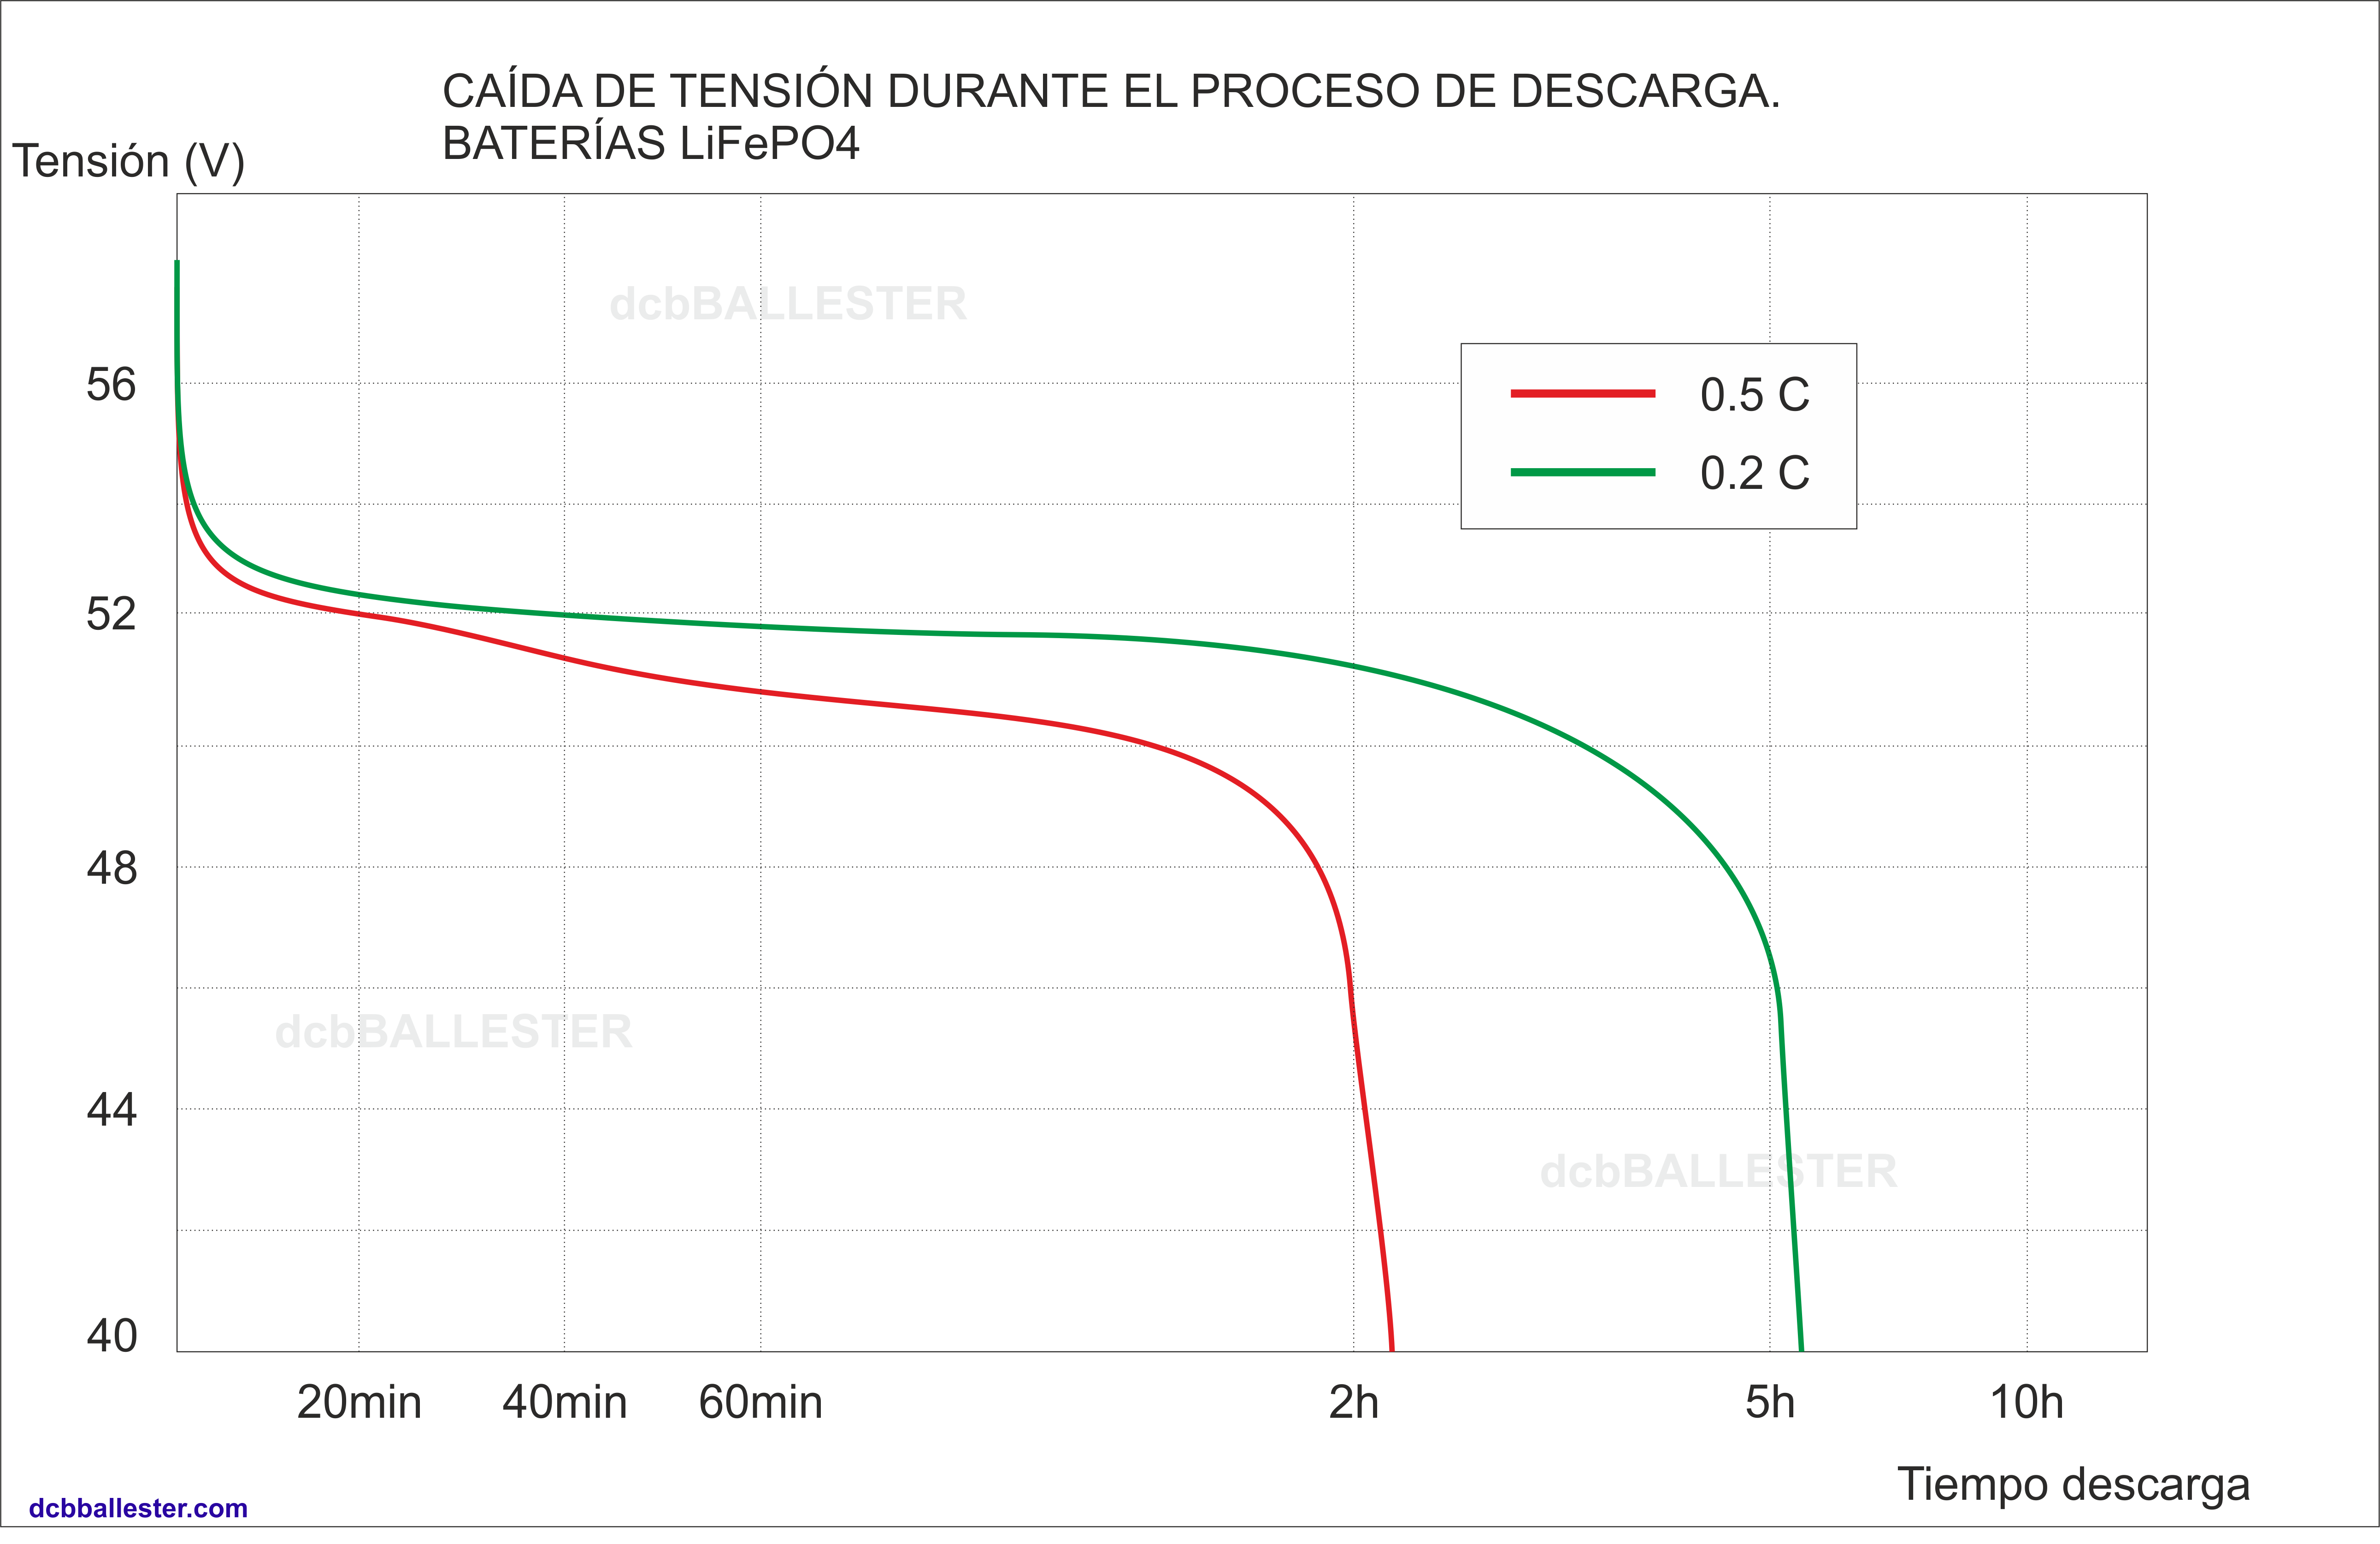 Caída de tensión - descarga batería